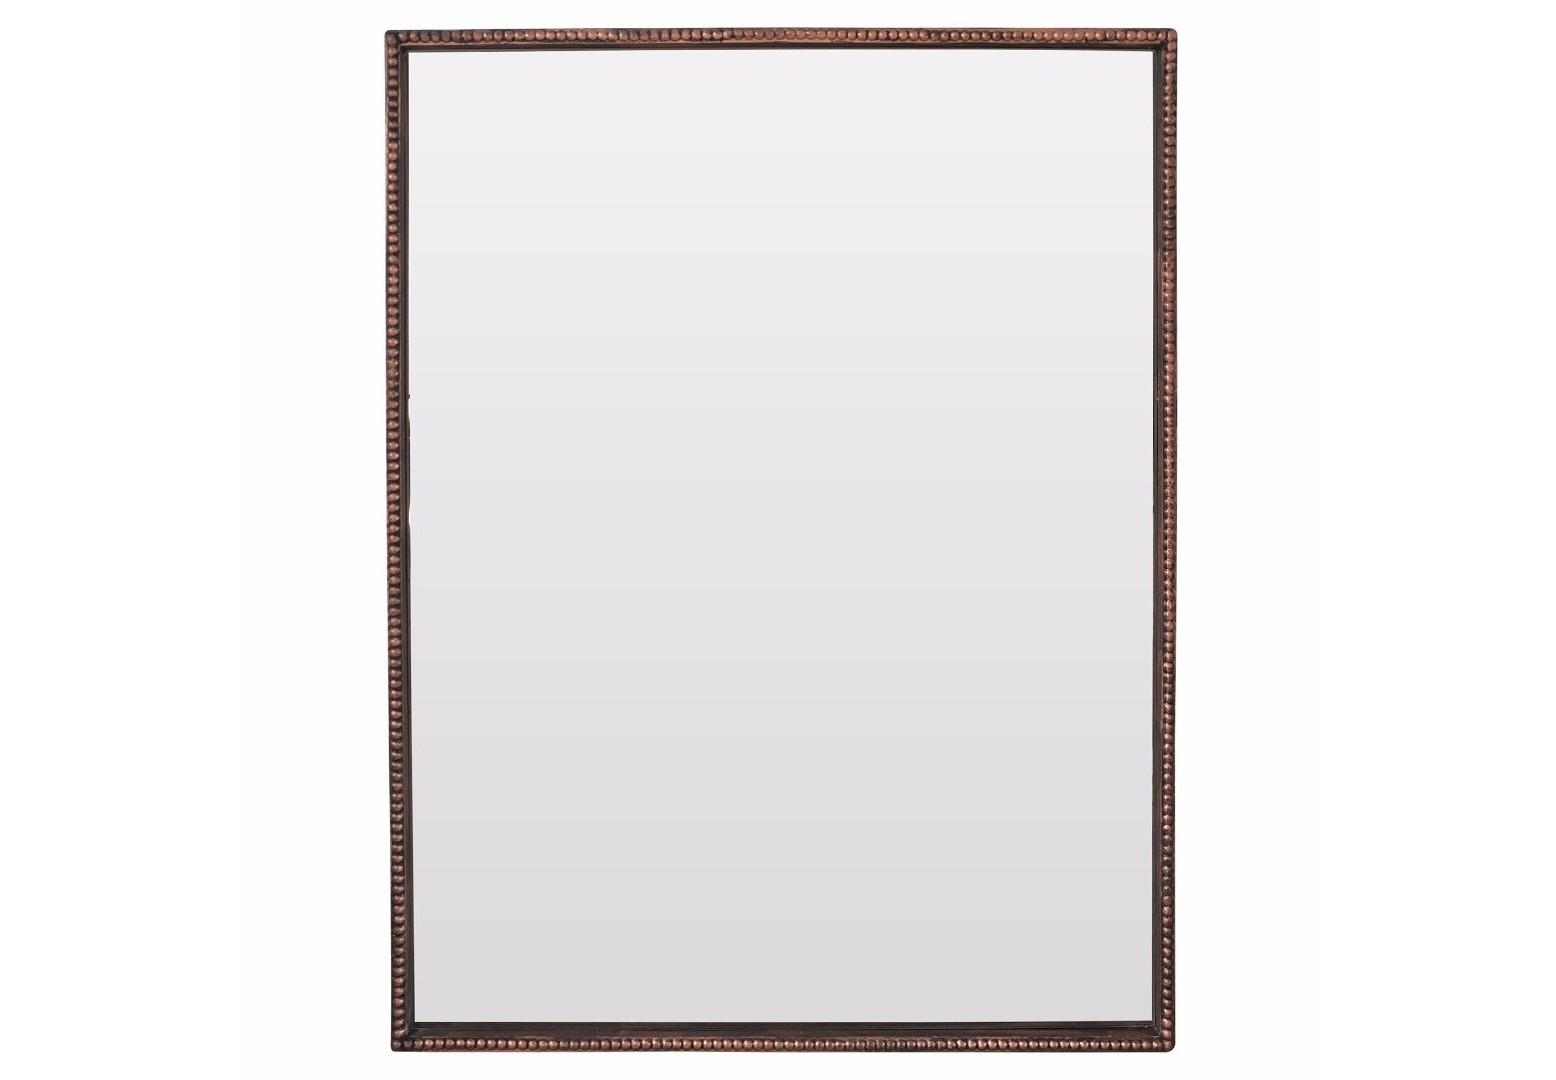 Зеркало OlufunkeНастенные зеркала<br>Коллекции B-Home – это дизайнерские зеркала, зеркальная мебель и предметы интерьера. Все изделия от и до мы создаем сами в нашей мастерской. Каждое – это уникальное произведение, арт-объект со своей историей и мелодией. Мы следим за современными трендами, лично отбираем лучшие материалы и каждый день трудимся над созданием новых шедевров, которые будут радовать вас. Если вы ищете что-то действительно качественное, стоящее и эксклюзивное, что сделано с душой и руками человека, B-Home придется вам по вкусу!<br><br>Material: Дерево<br>Ширина см: 110.0<br>Высота см: 84.0<br>Глубина см: 4.0